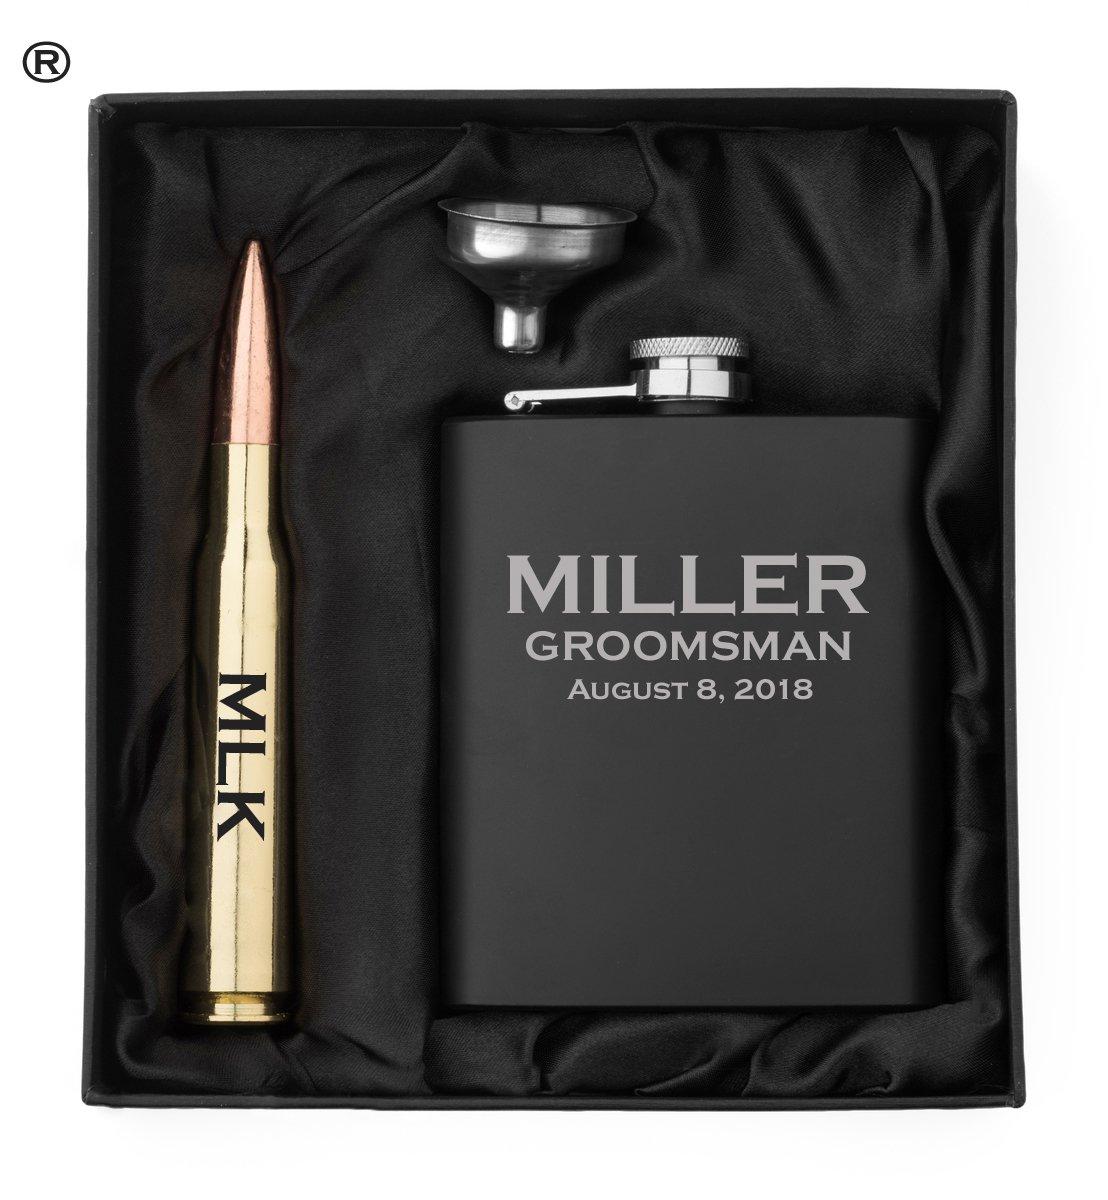 限定価格セール! Engravedマットブラックヒップフラスコ、Funnel真鍮50 Caliber Bullet Caliber、栓抜きギフトボックス50 CalカスタムPersonalized B07BS4M8X5, デリシャスハーツ:ab0bd923 --- a0267596.xsph.ru